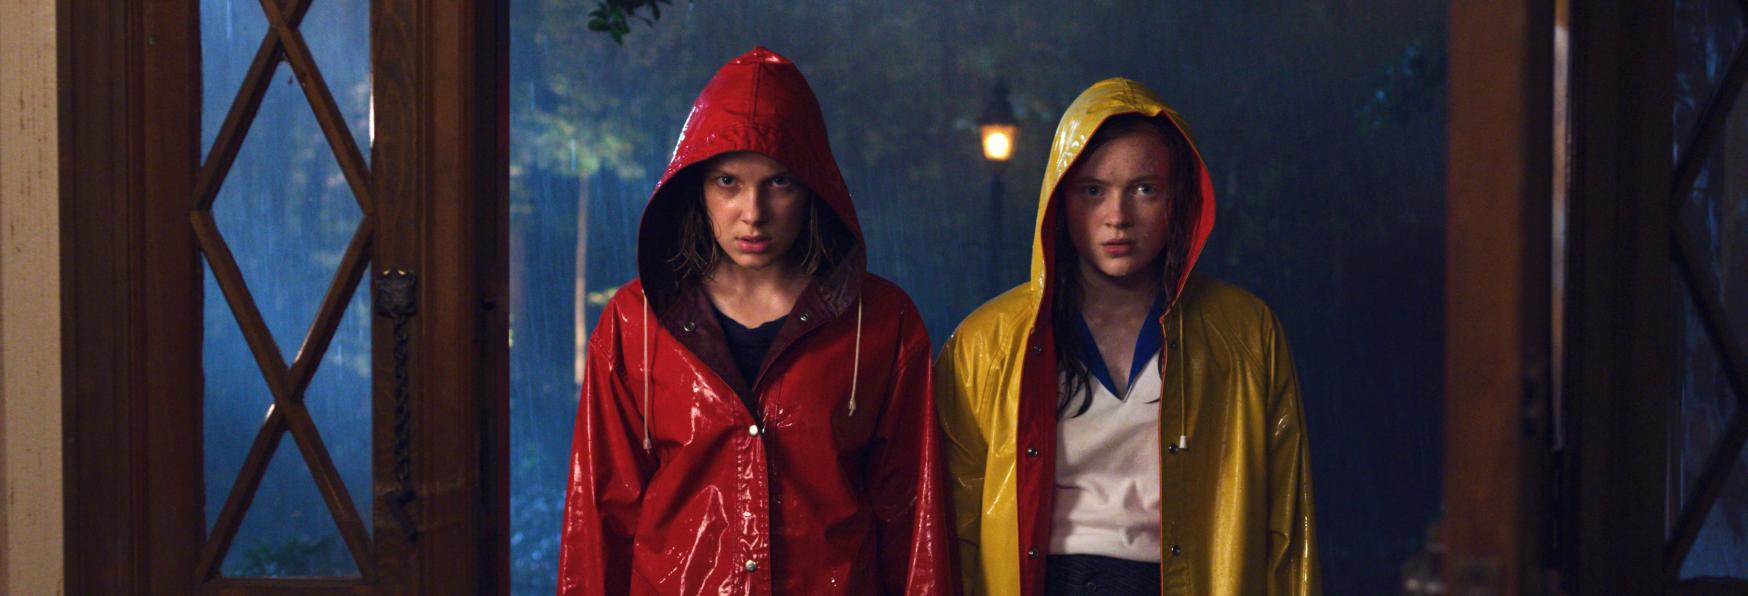 Stranger Things 4: gli Attori della Serie TV Netflix non sono certi di quando Ricominceranno le Riprese